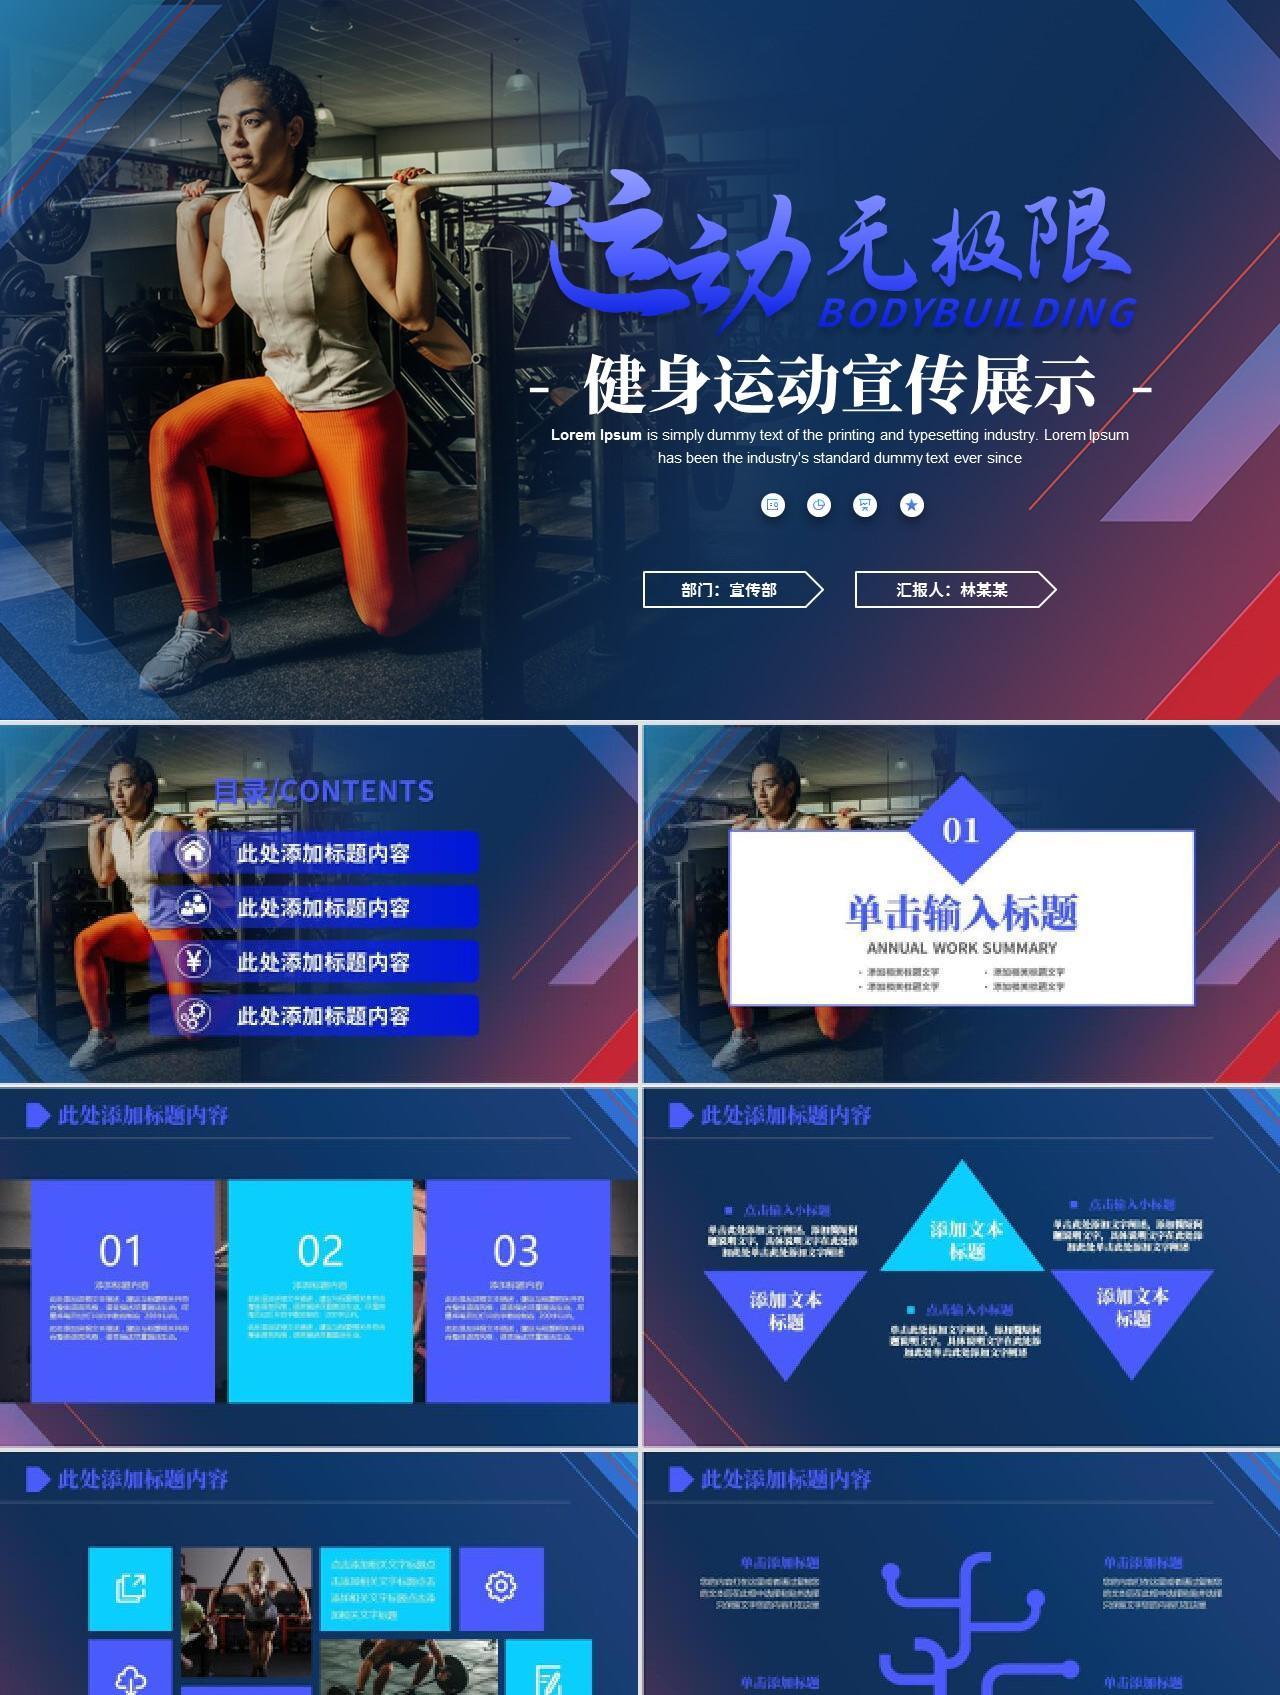 蓝色时尚动感健身运动宣传PPT模板